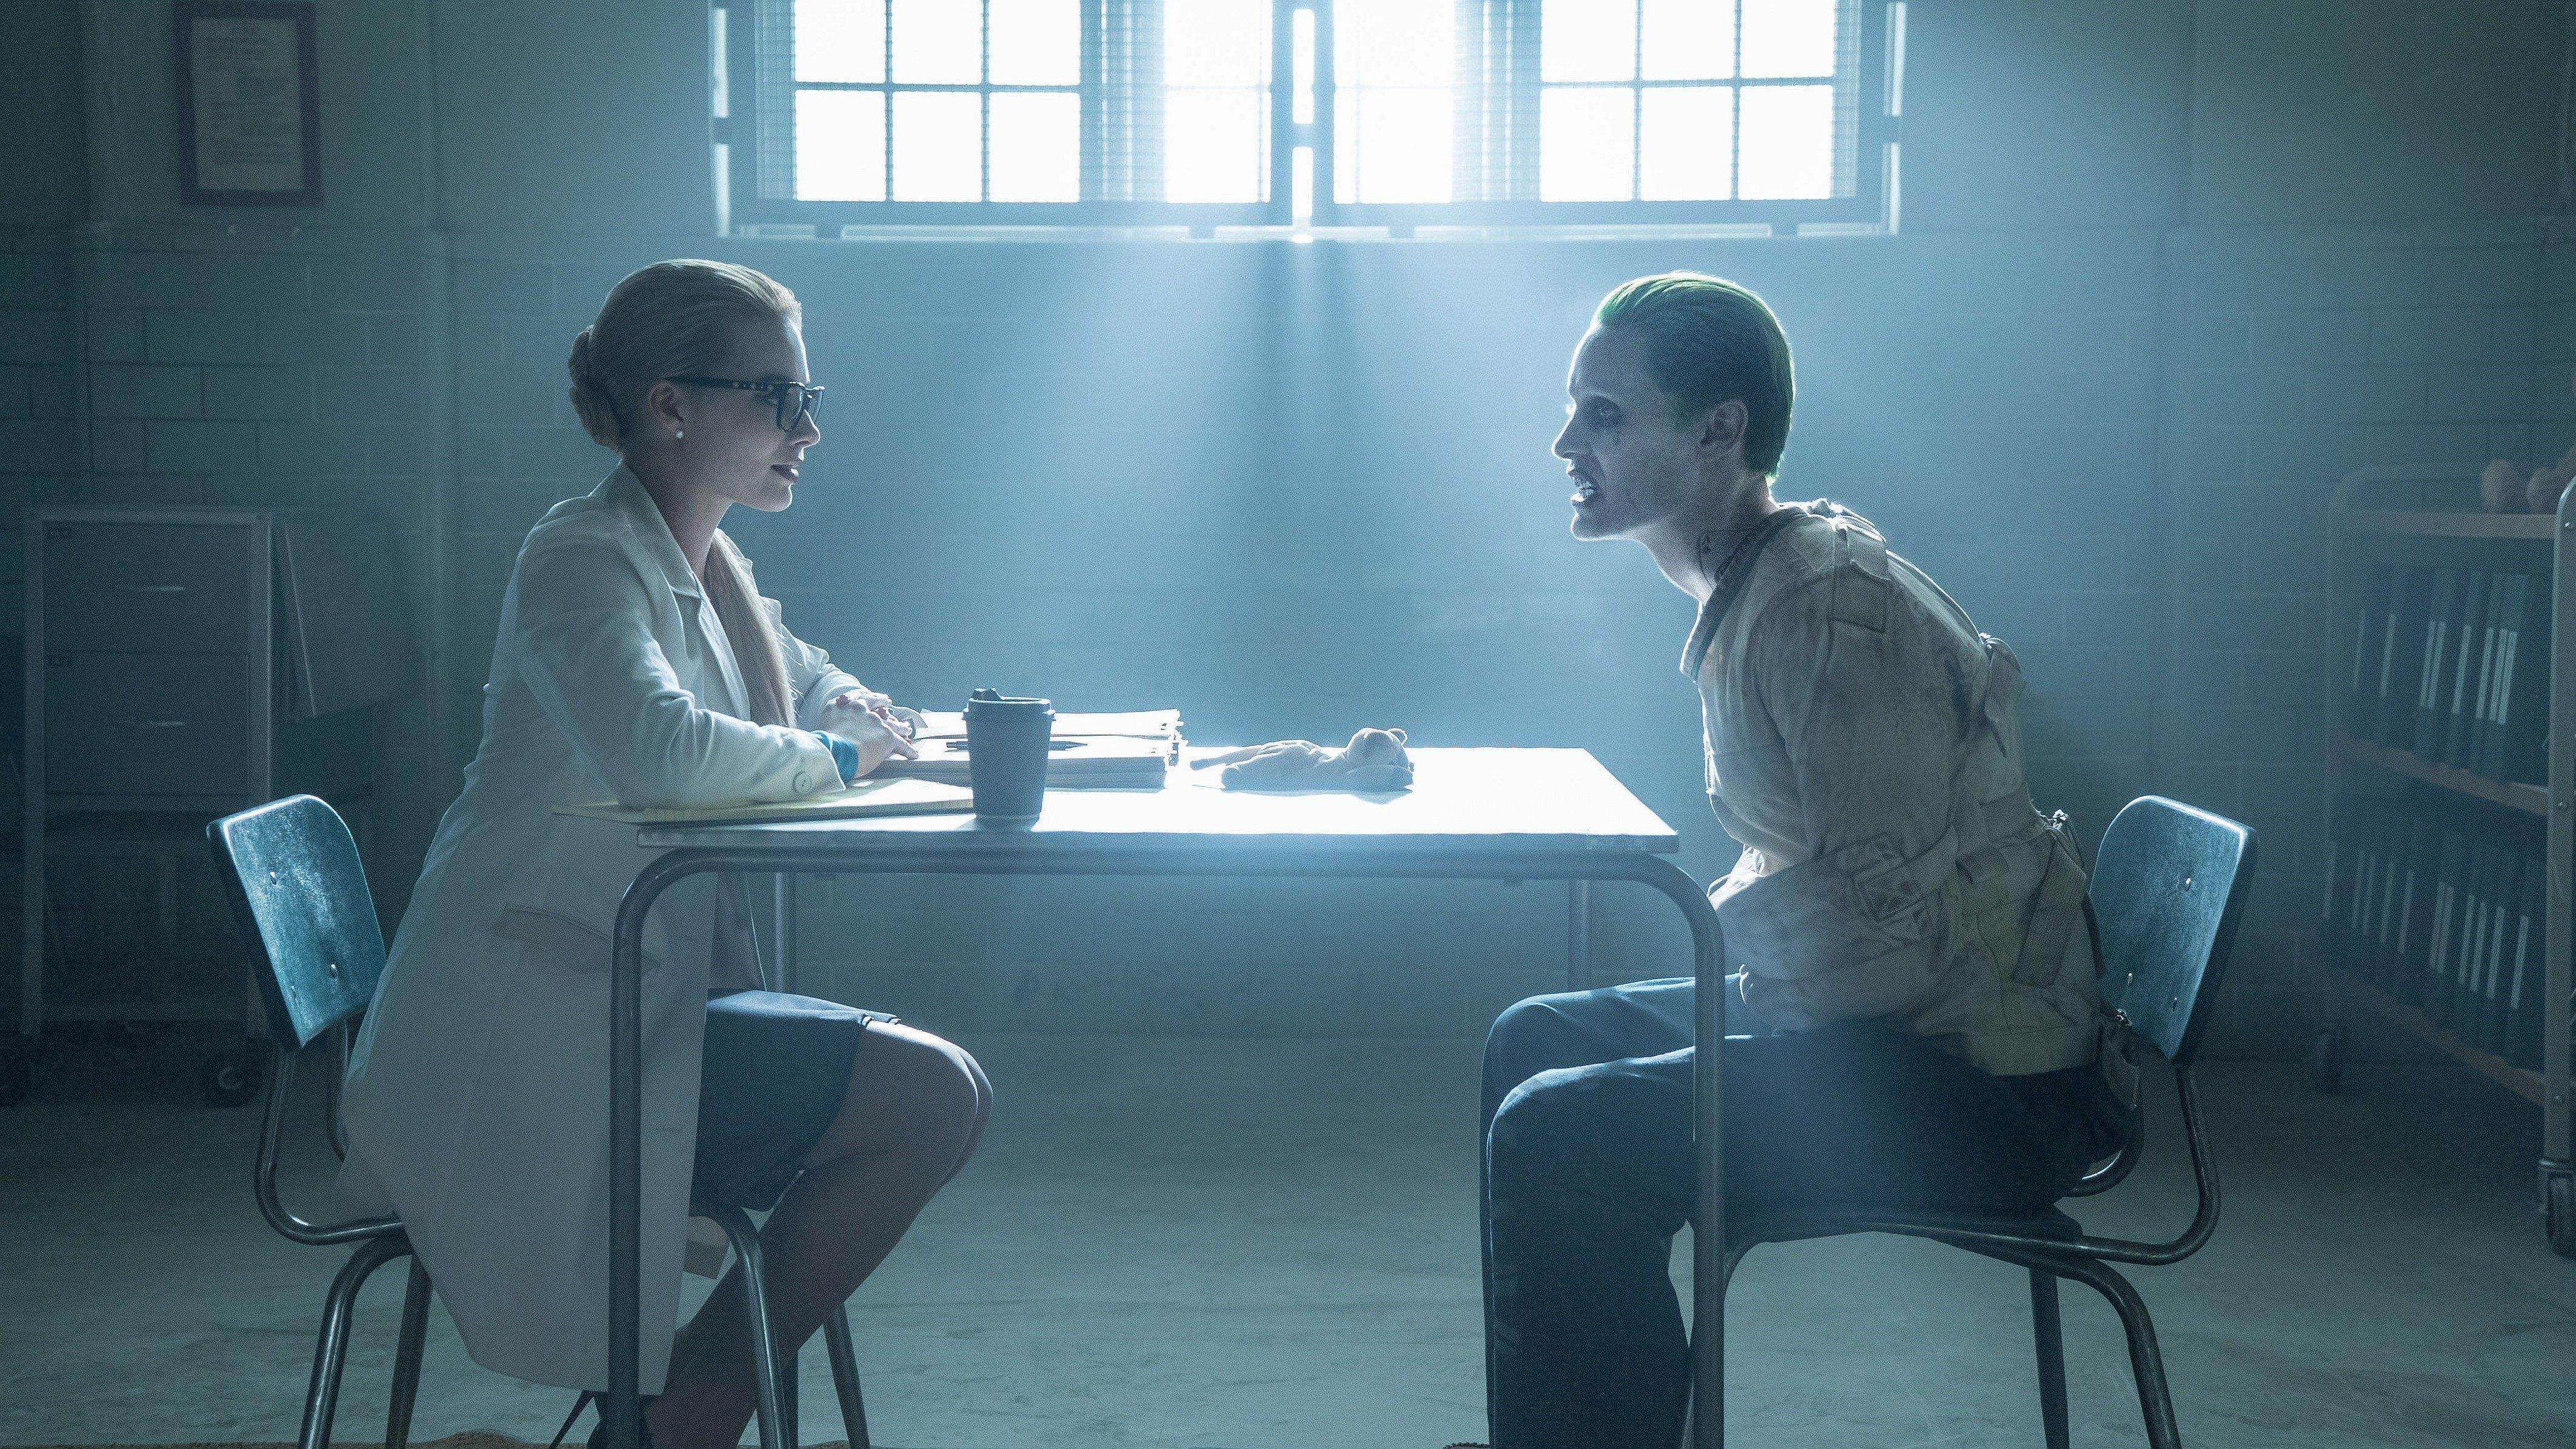 Wallpaper Suicide Squad Jared Leto Joker y Margot Robbie Harley Quinn Images